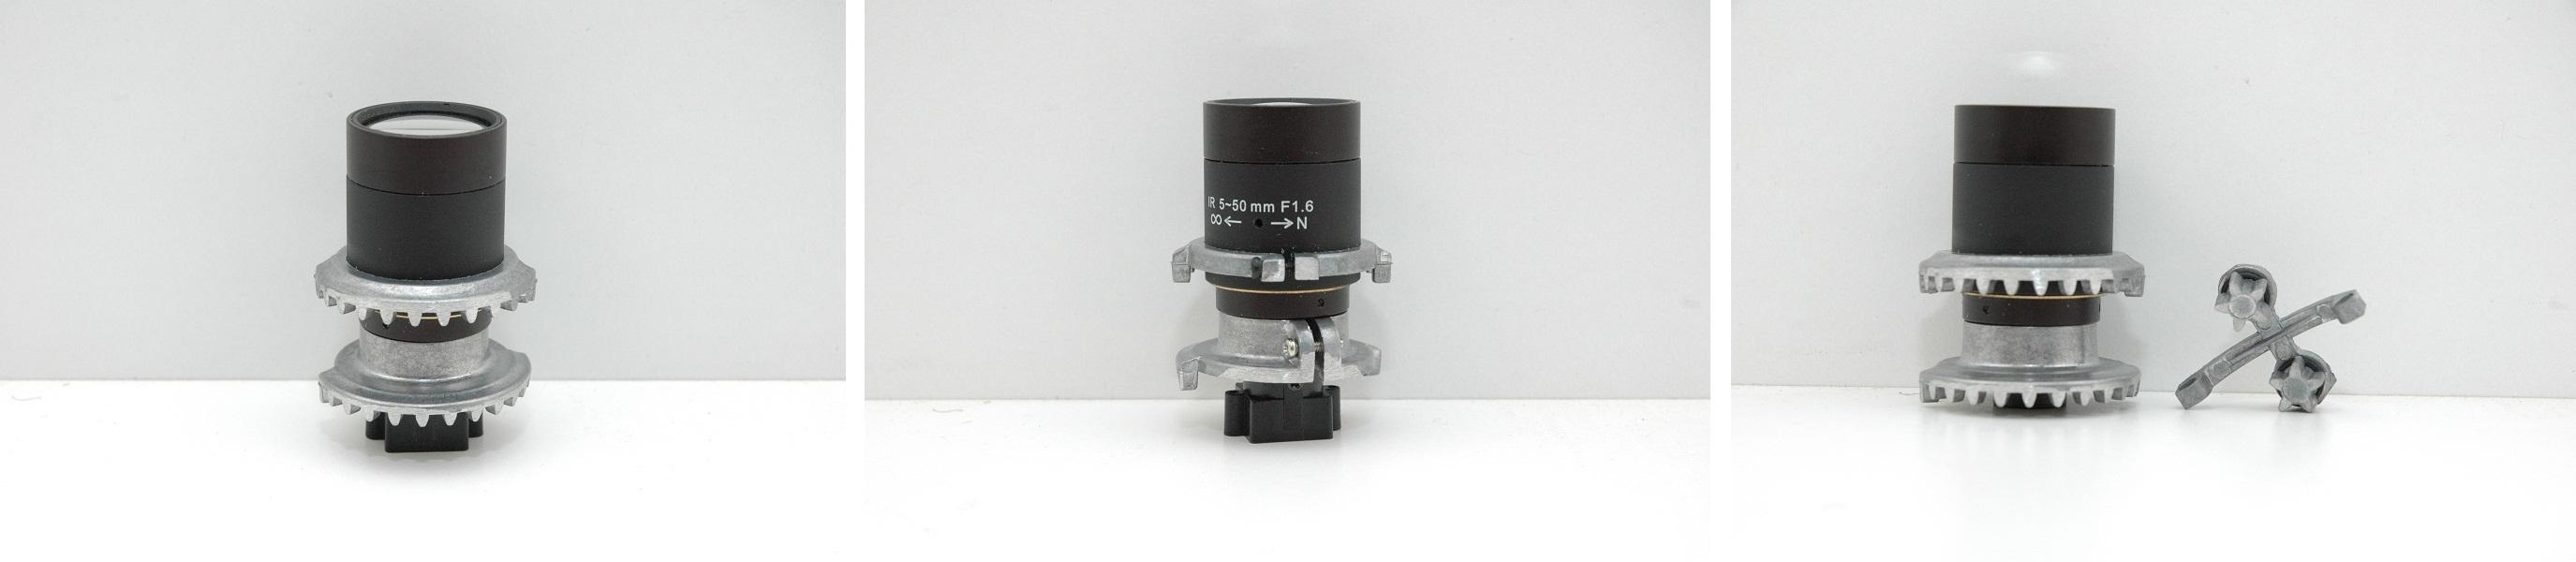 lens-adjustable-varifocal